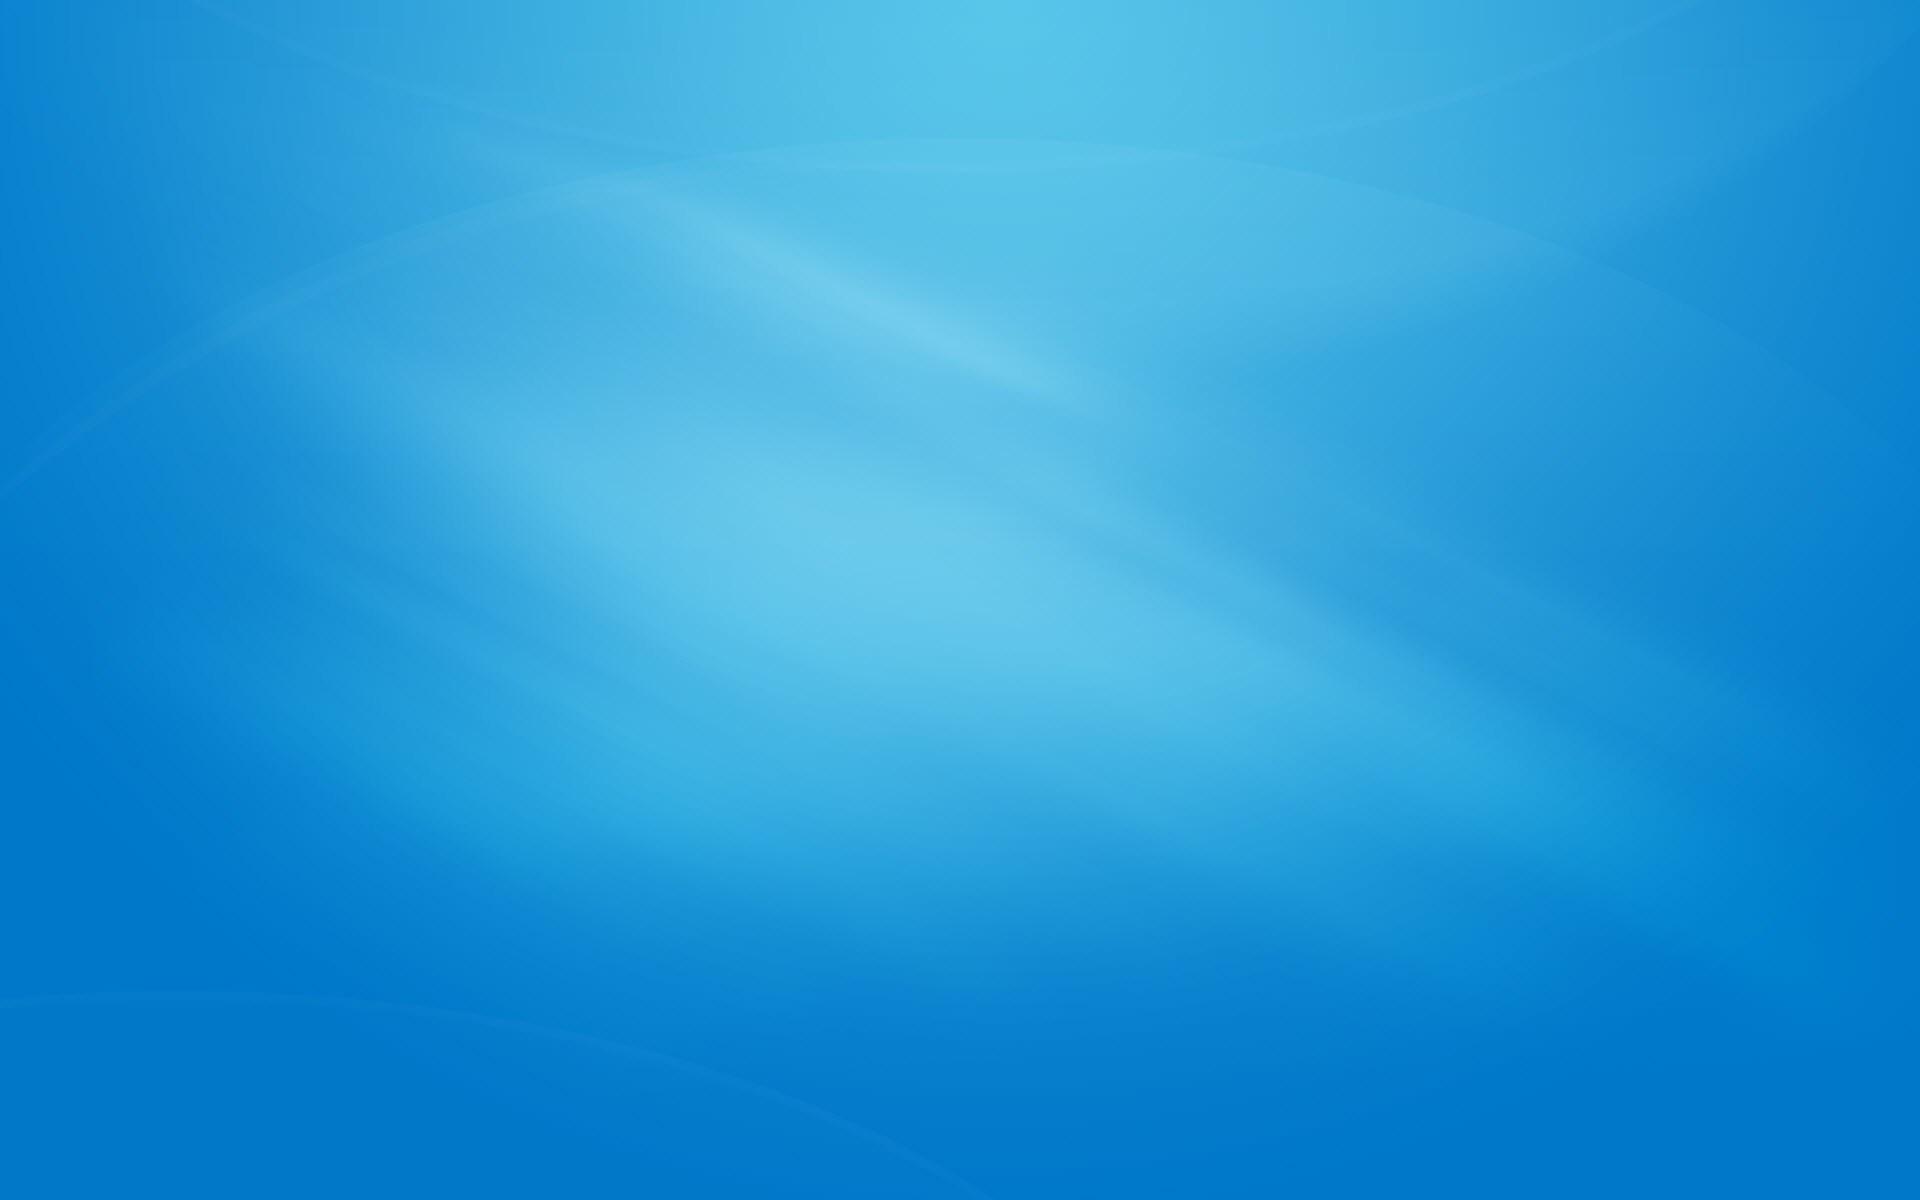 Hình nền màu xanh dương